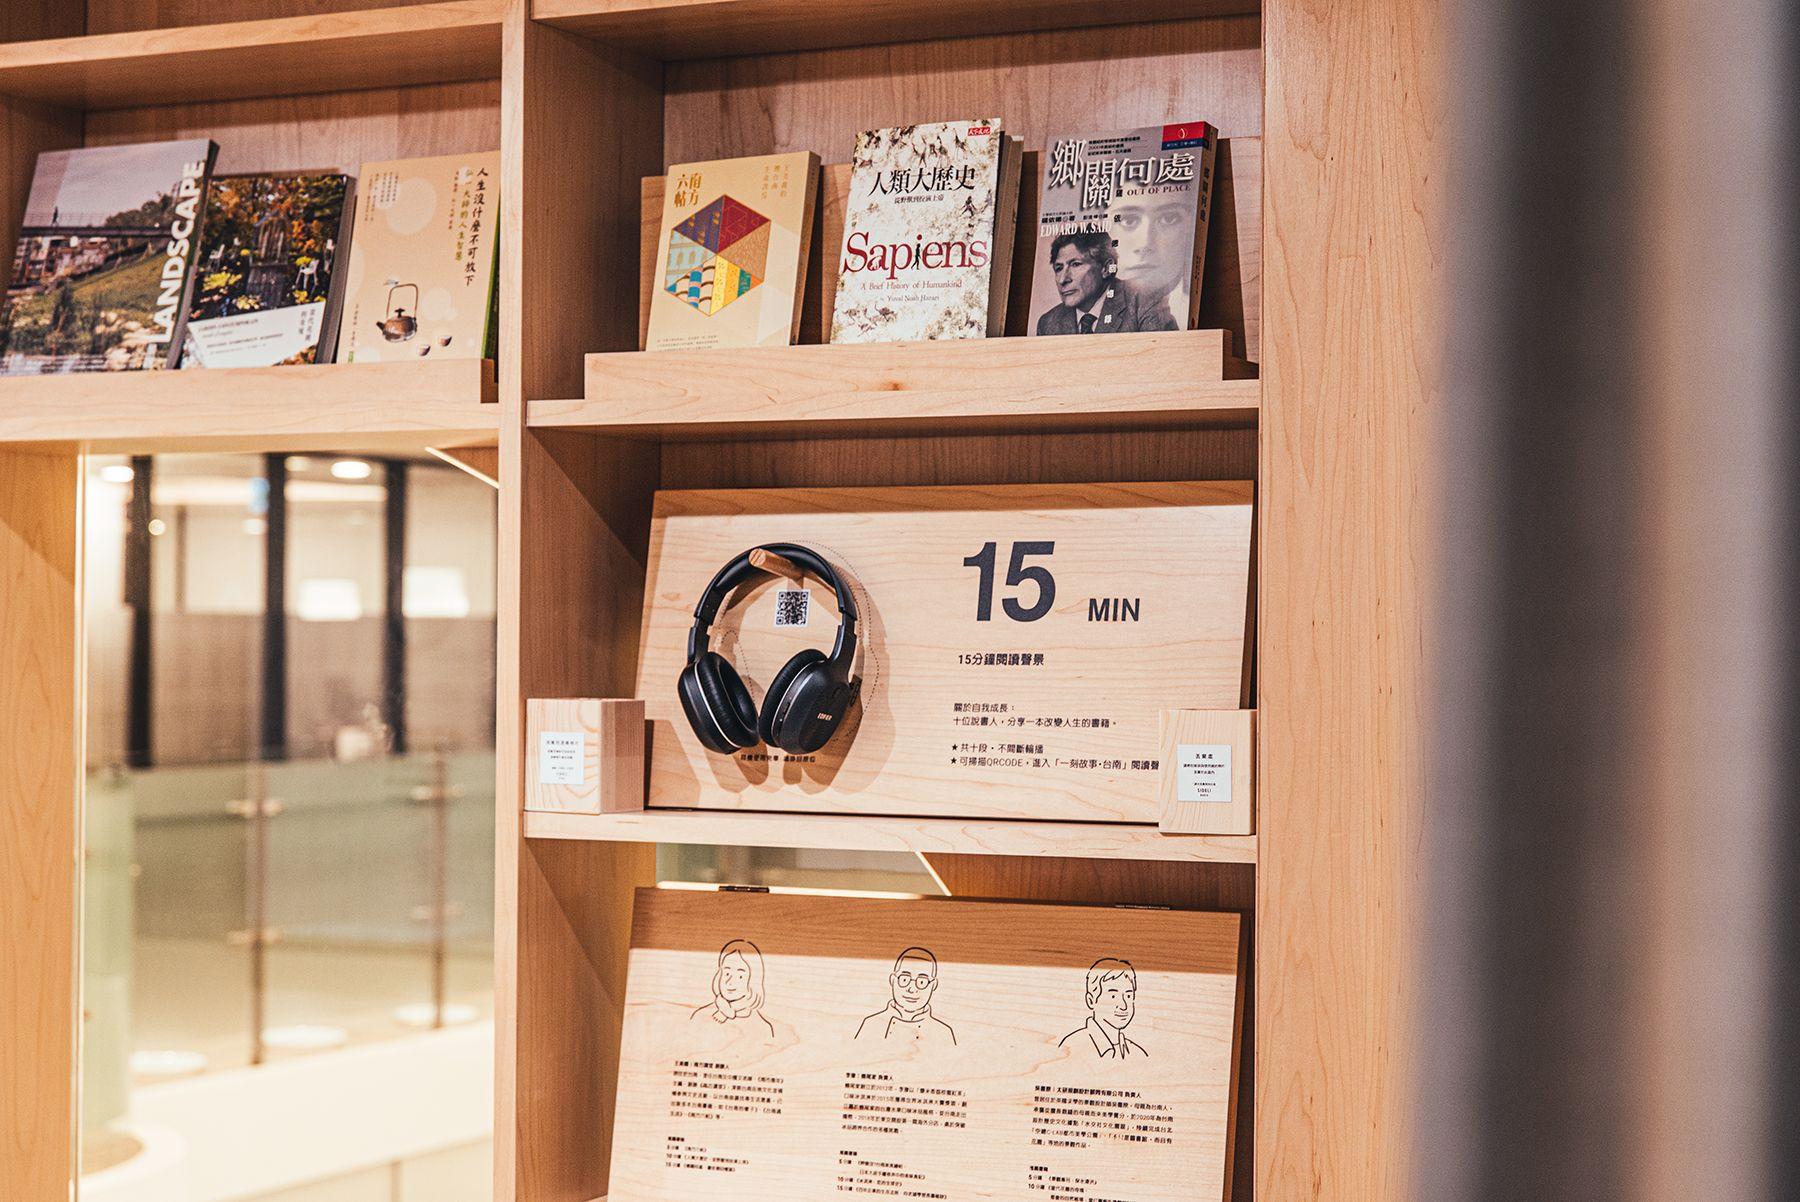 特別邀請由方序中、游智維、林凱洛成立的聲音設計團隊 SIDOLI RADIO(小島裡文化)」,設置《一刻故事.台南》展覽,連結在地。圖⽚來源:Plan b